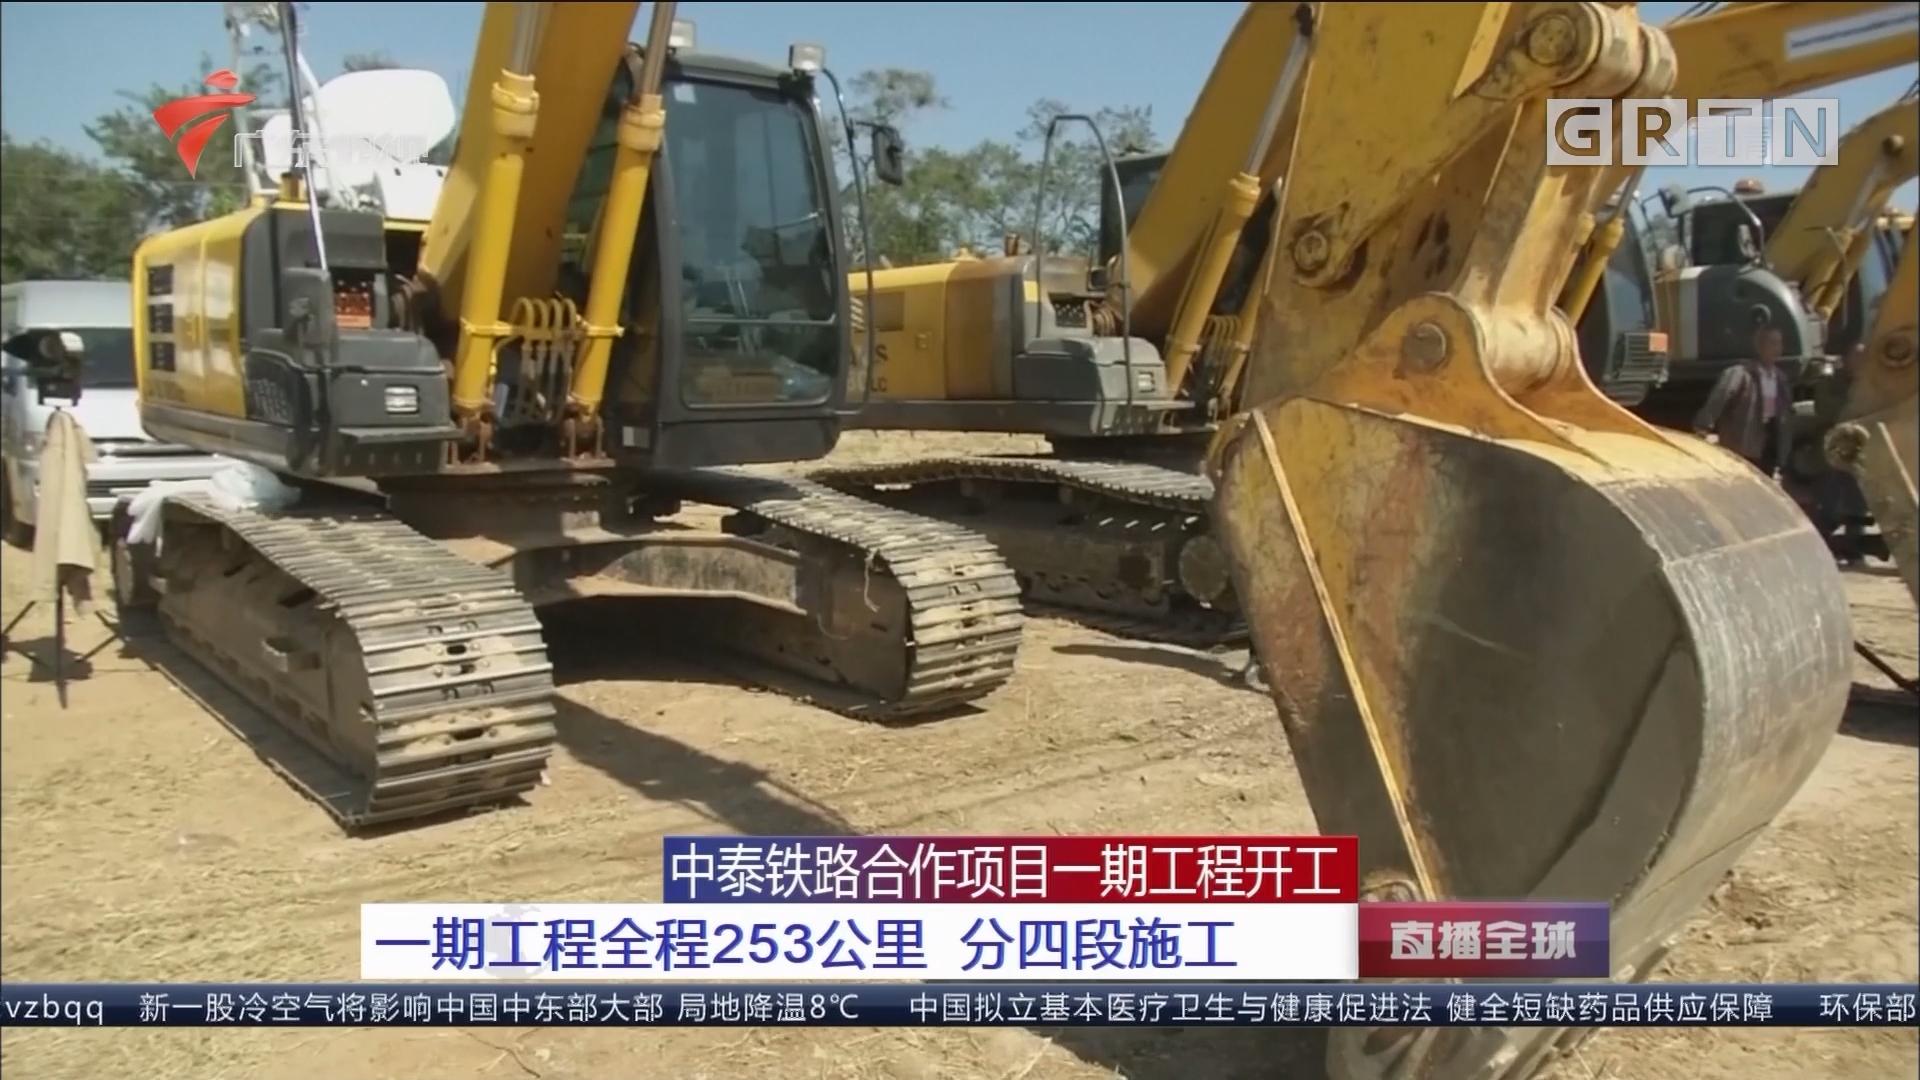 中泰铁路合作项目一期工程开工:一期工程全程253公里 分四段施工